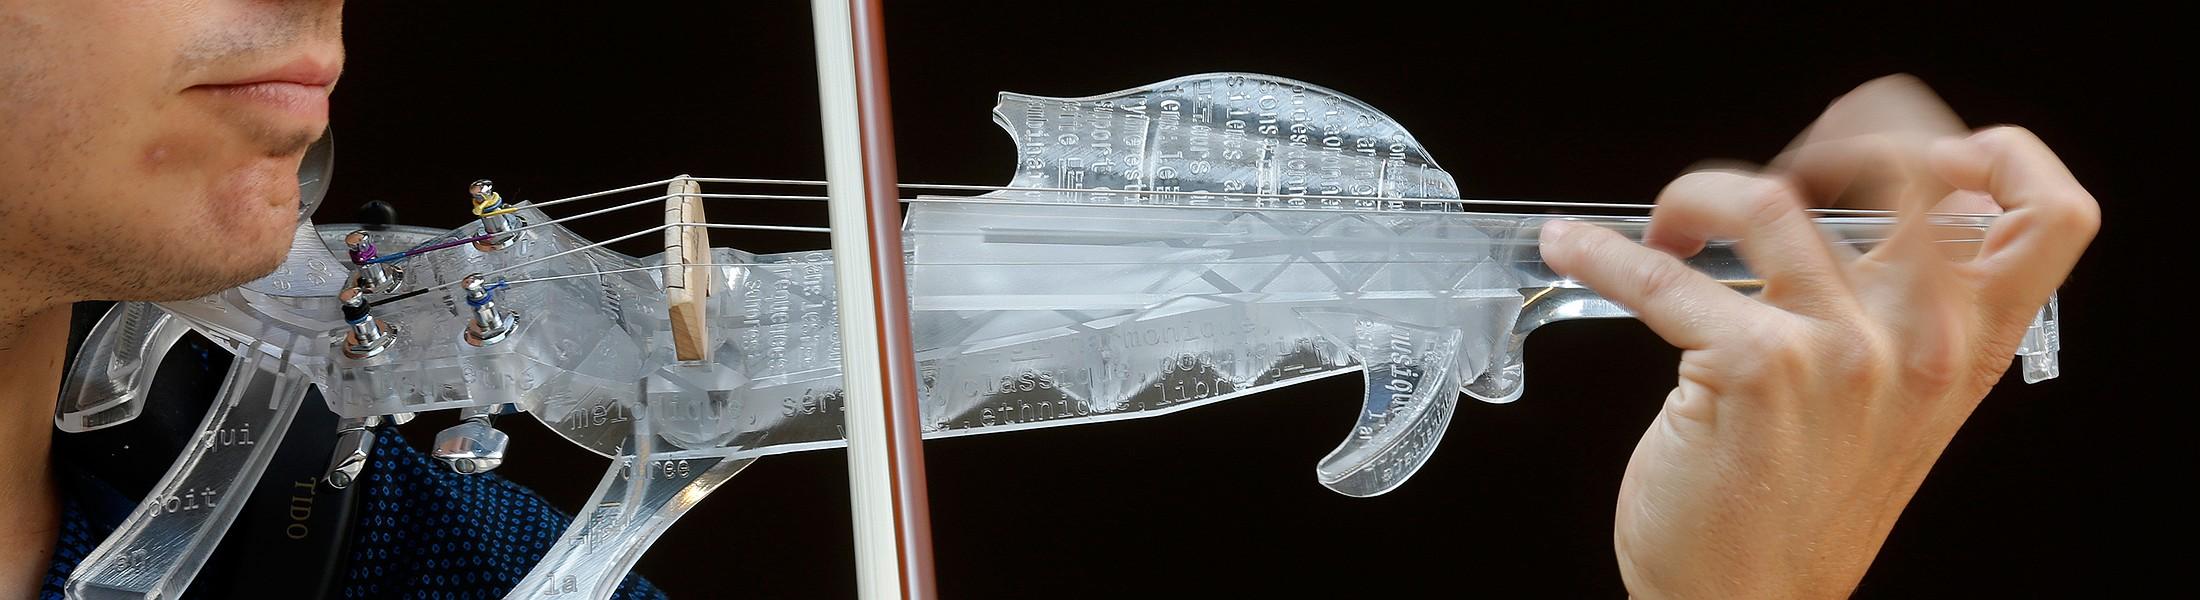 3D-печать как новая промышленная революция